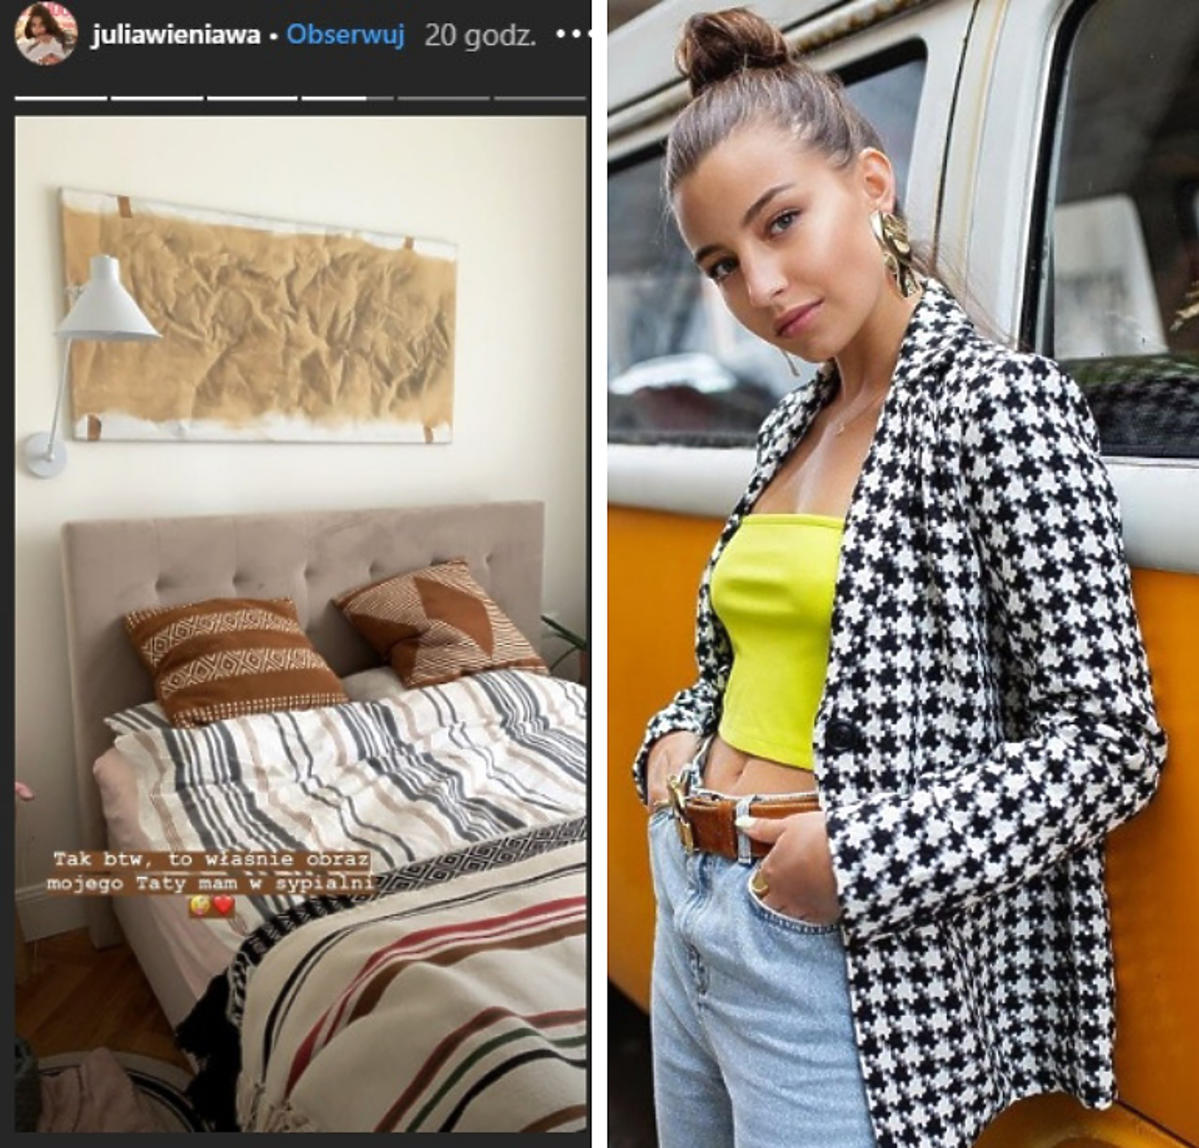 Julia Wieniawa powiesiła w sypialni obraz taty